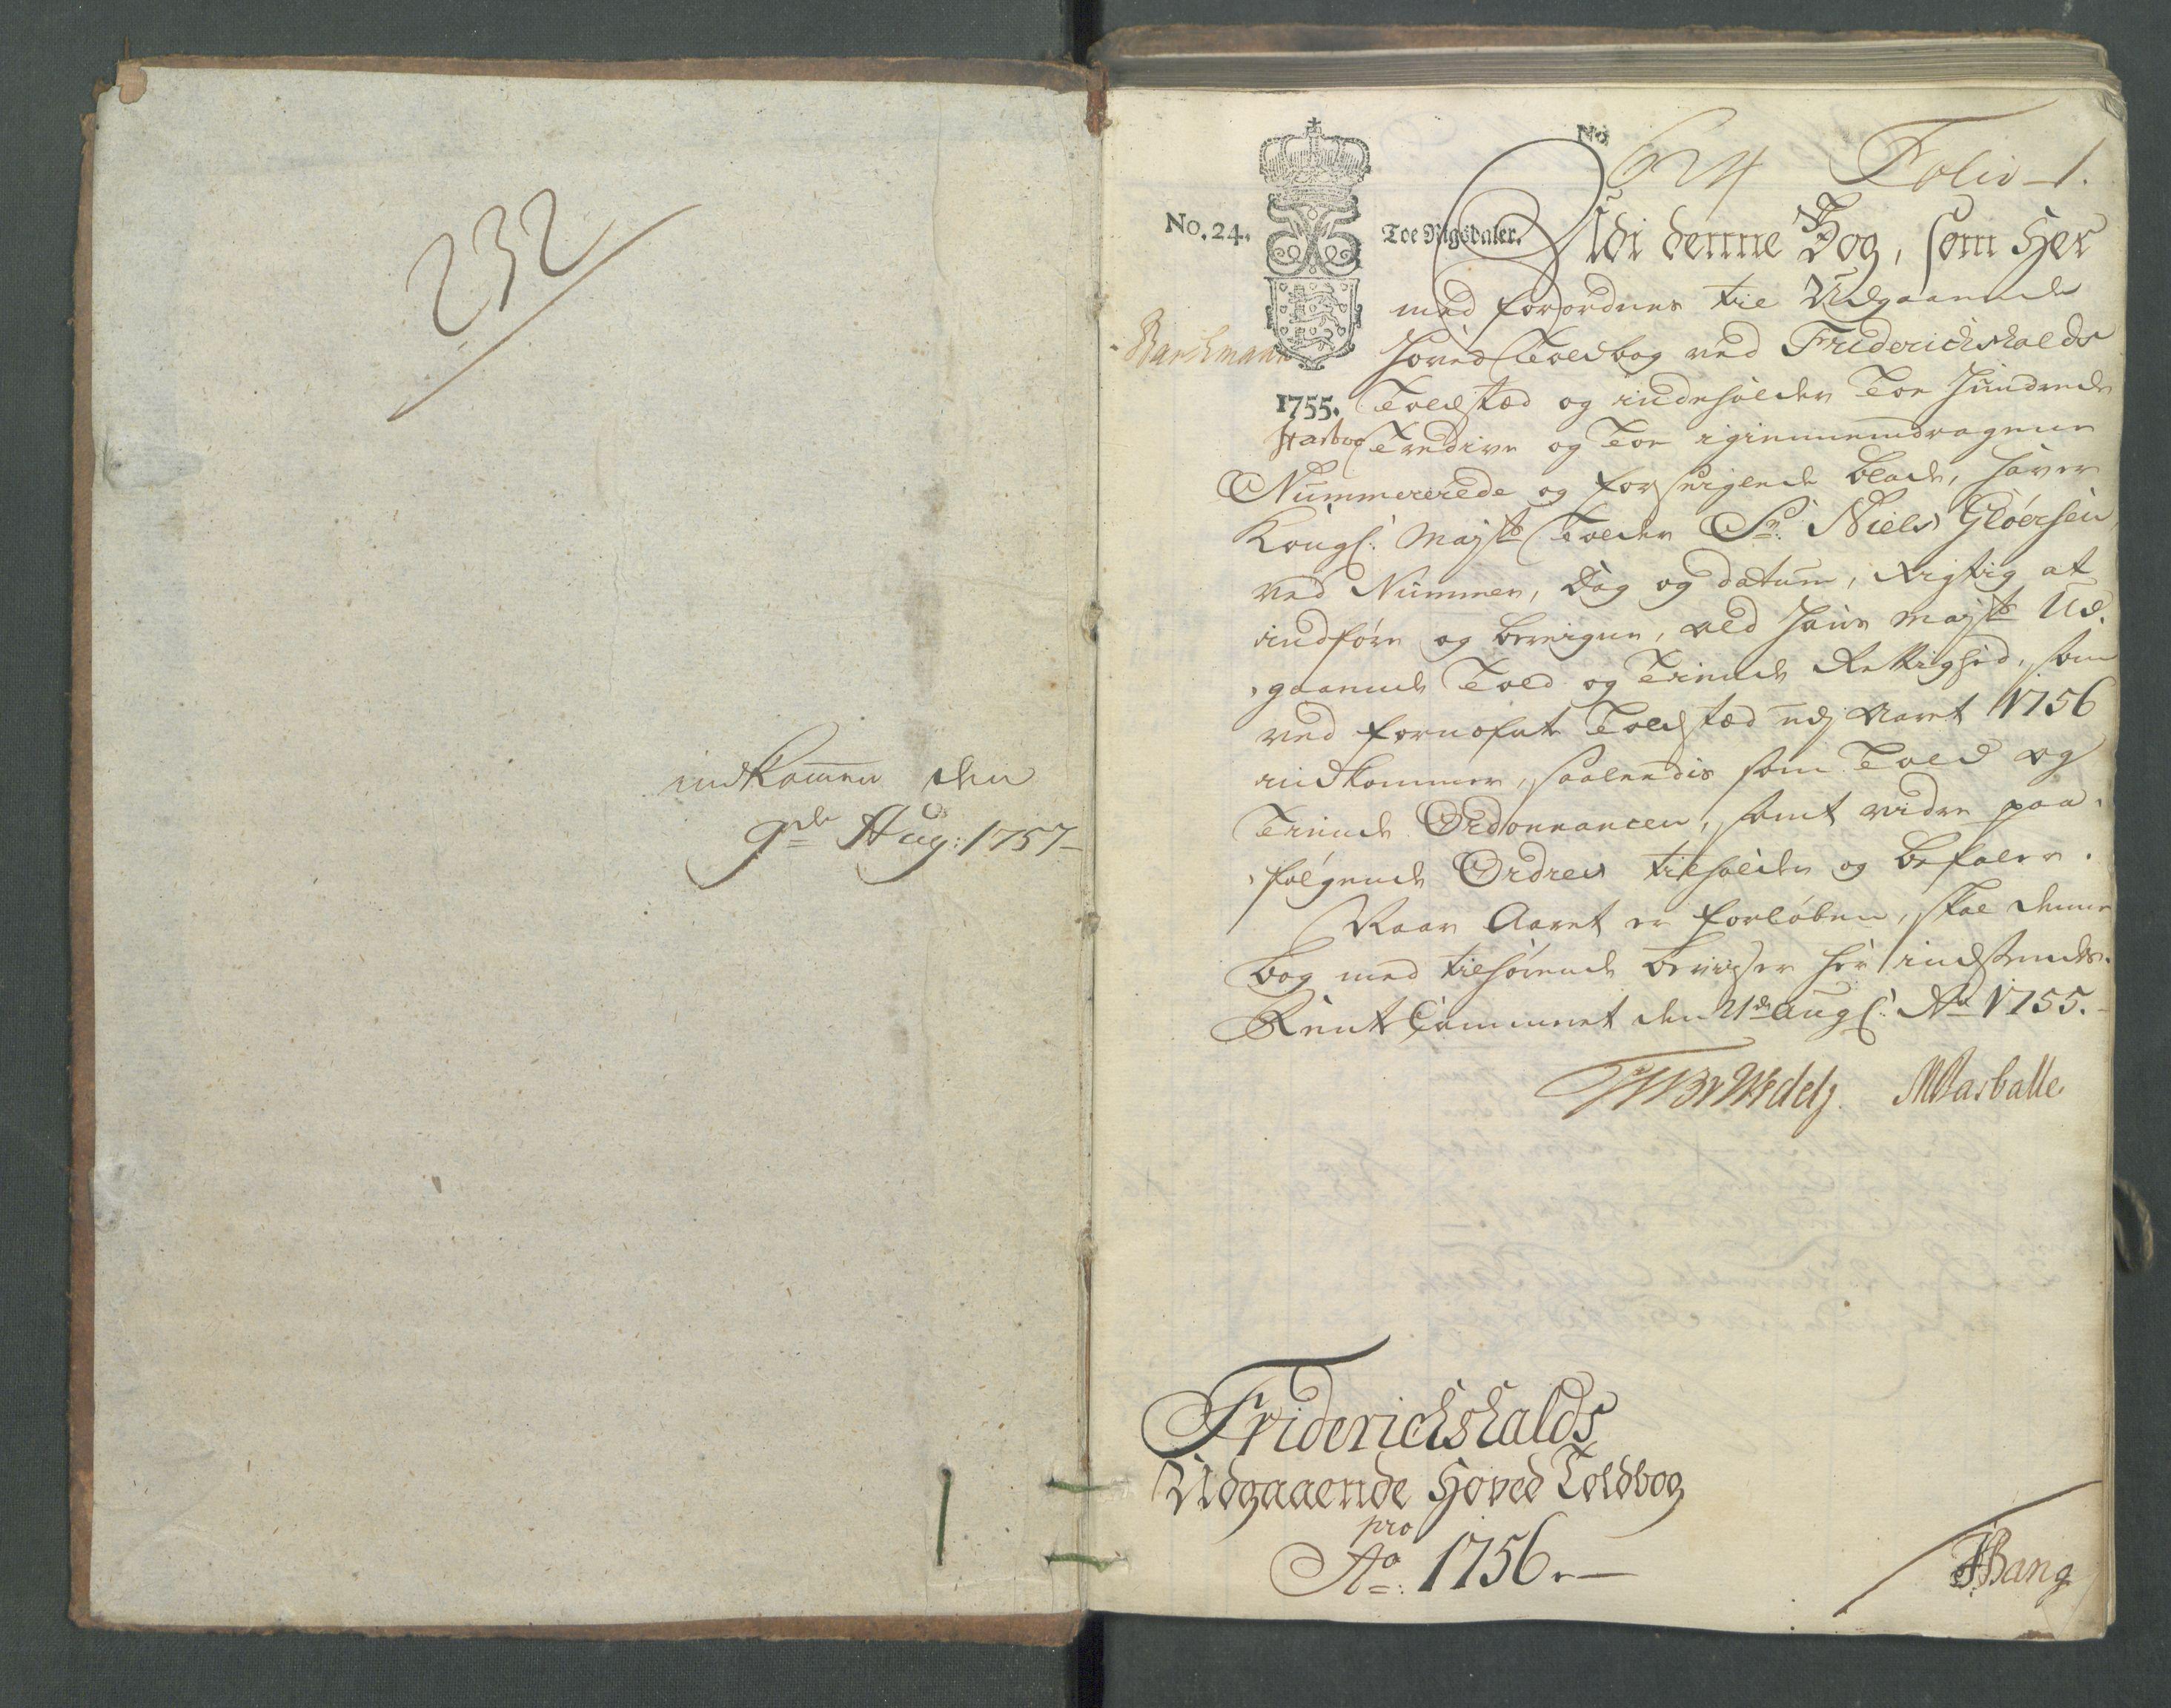 RA, Generaltollkammeret, tollregnskaper, R01/L0029: Tollregnskaper Fredrikshald, 1756